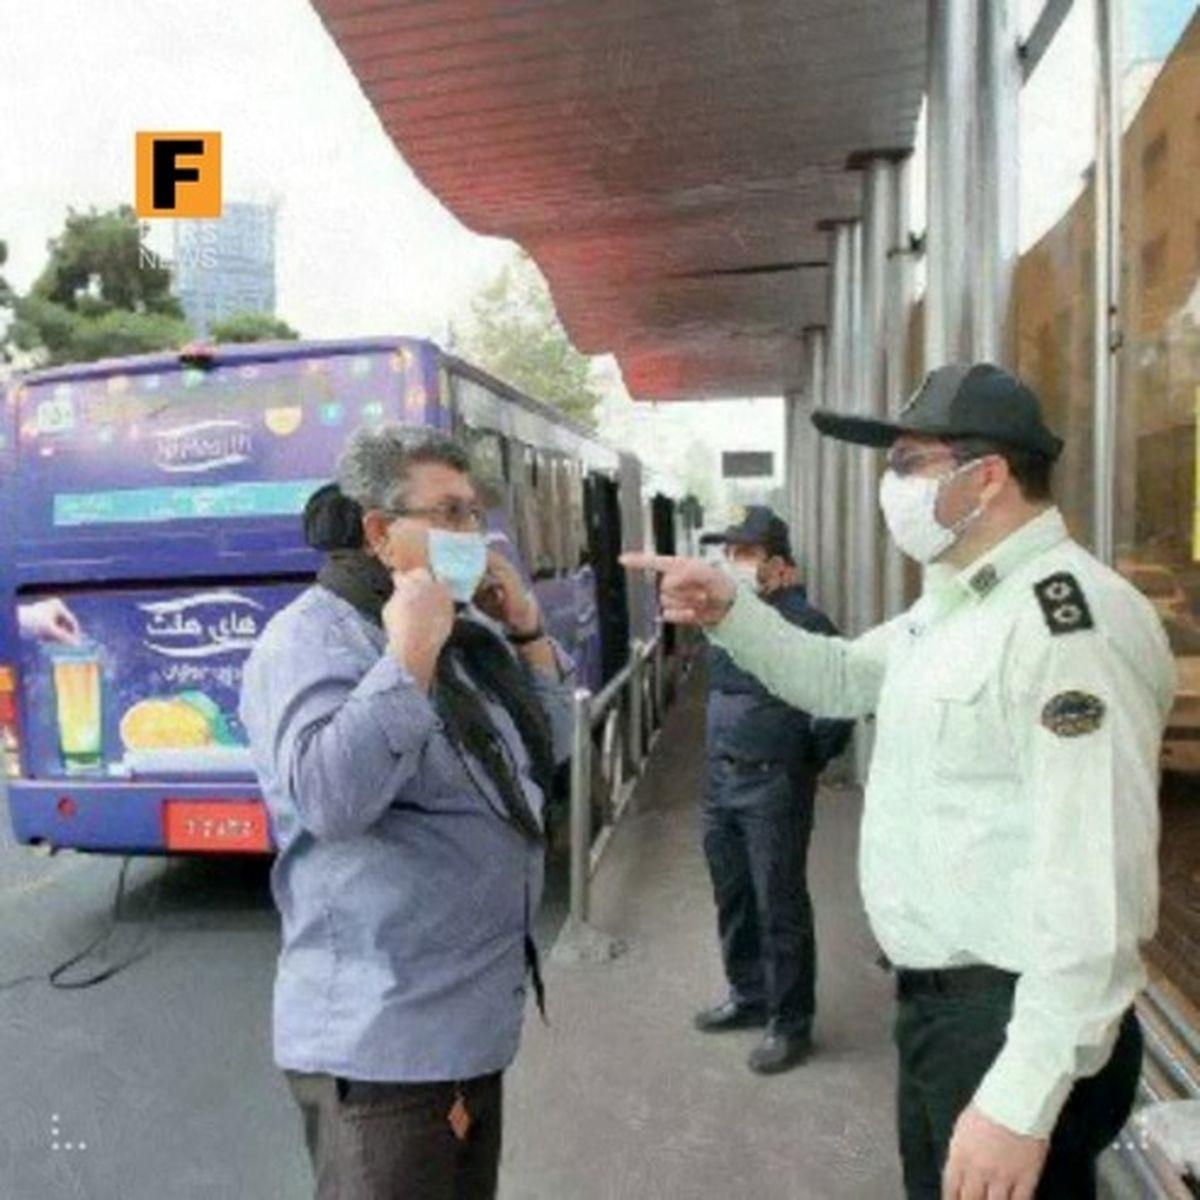 بازداشت ماسکی در کهگیلویه و بویراحمد +عکس